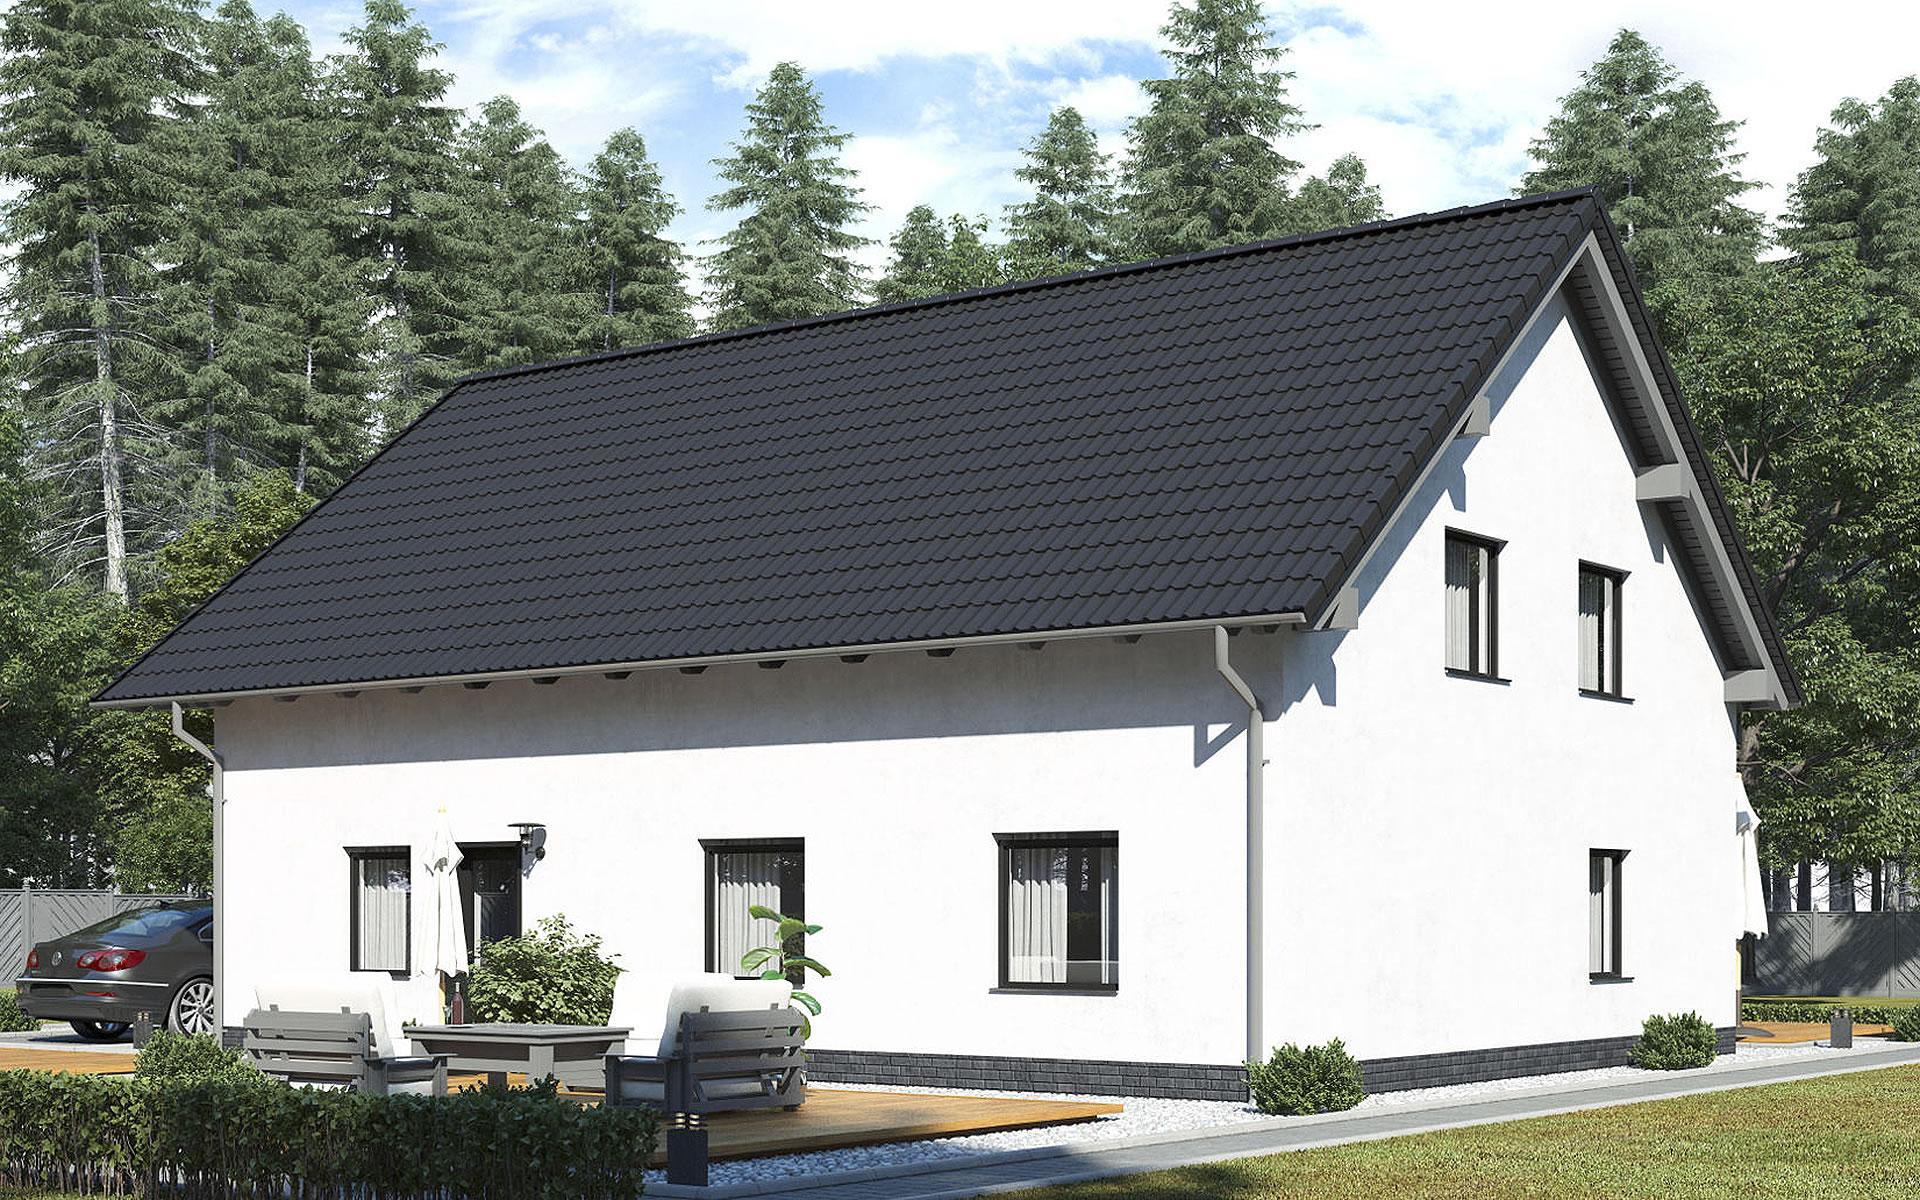 Zweifamilienhaus BS 181 von B&S Selbstbausysteme GmbH & Co. KG